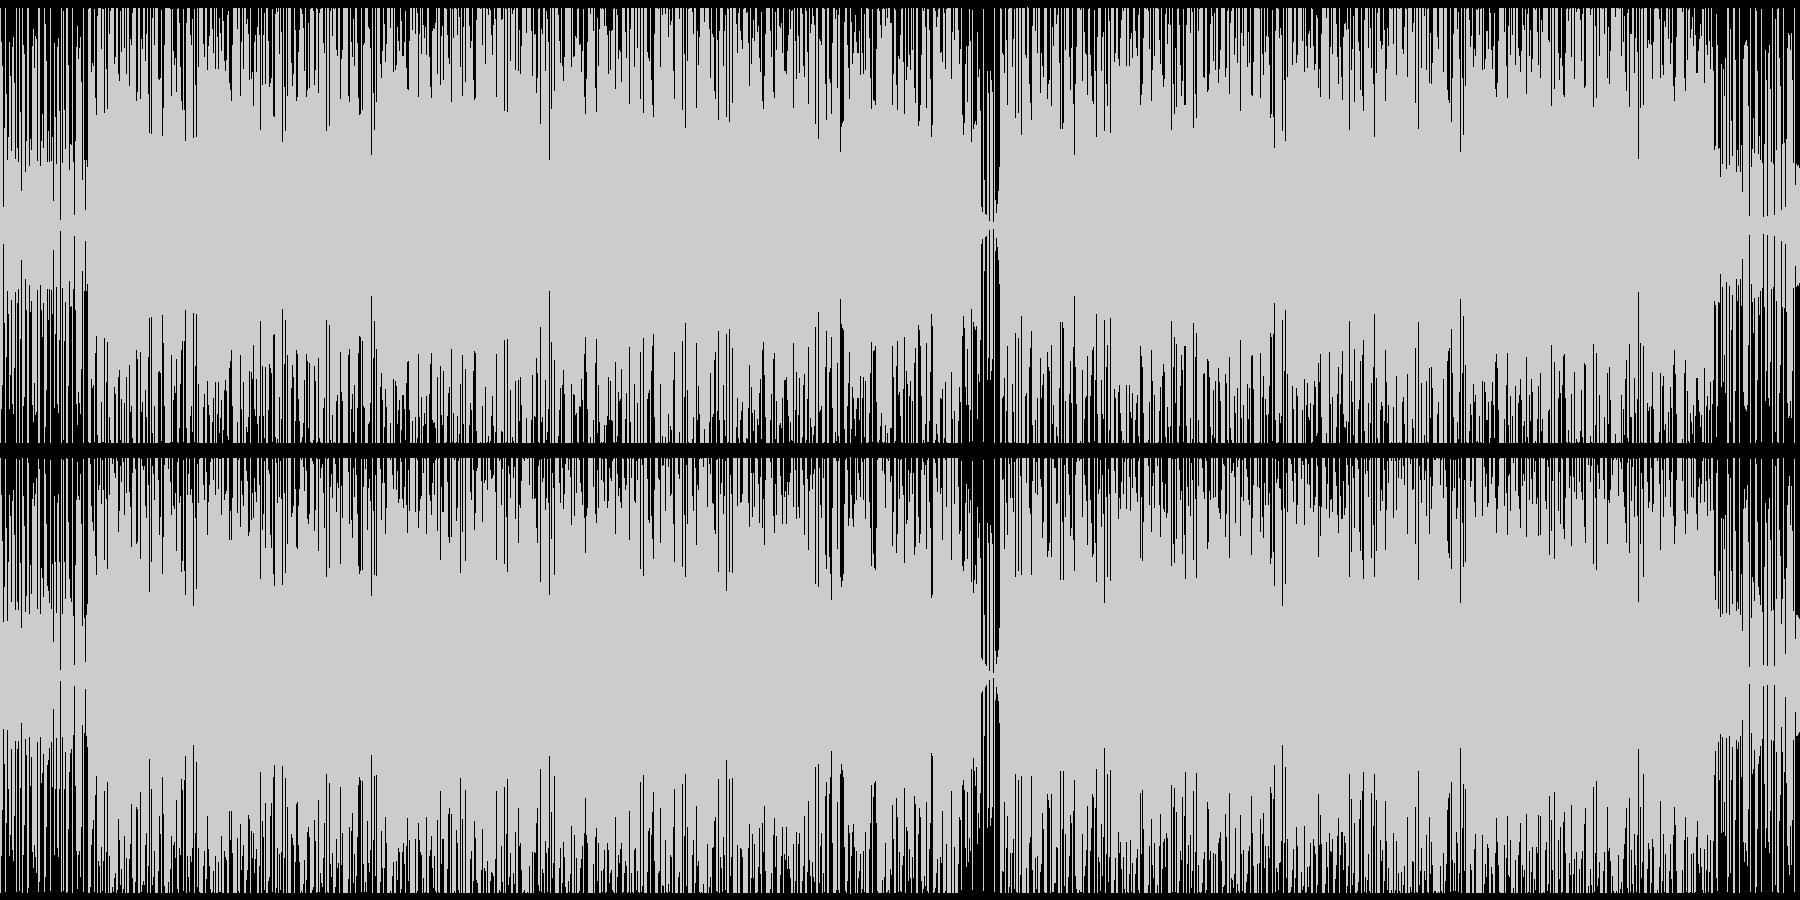 【雨音なし・ループ対応】ヒーリングポップの未再生の波形